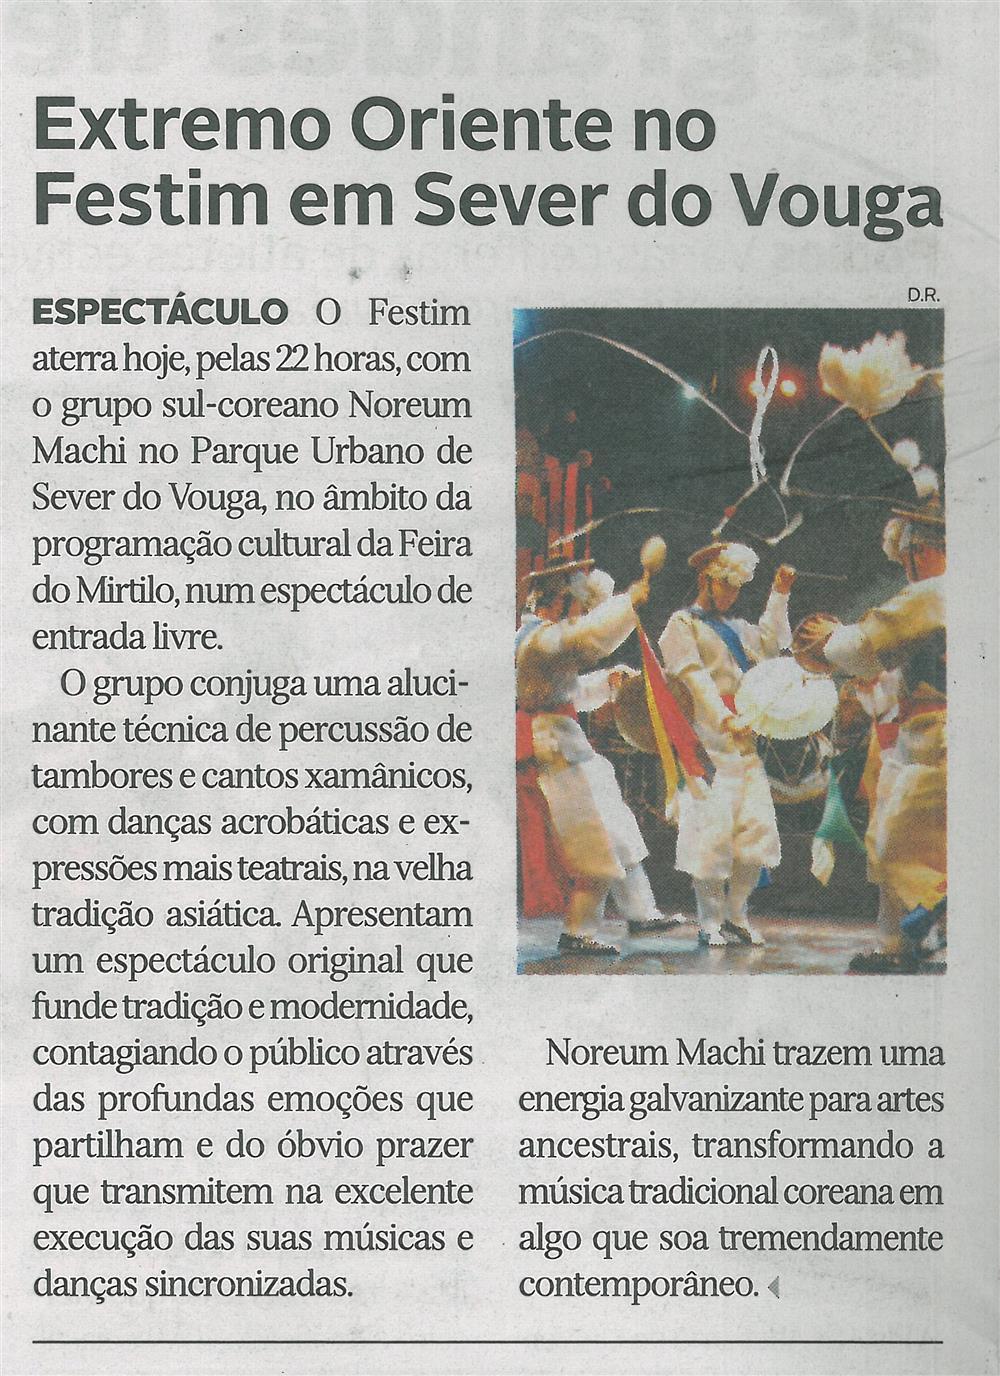 DA-27jun.'15-p.28-Extremo Oriente no FESTIM em Sever do Vouga.jpg